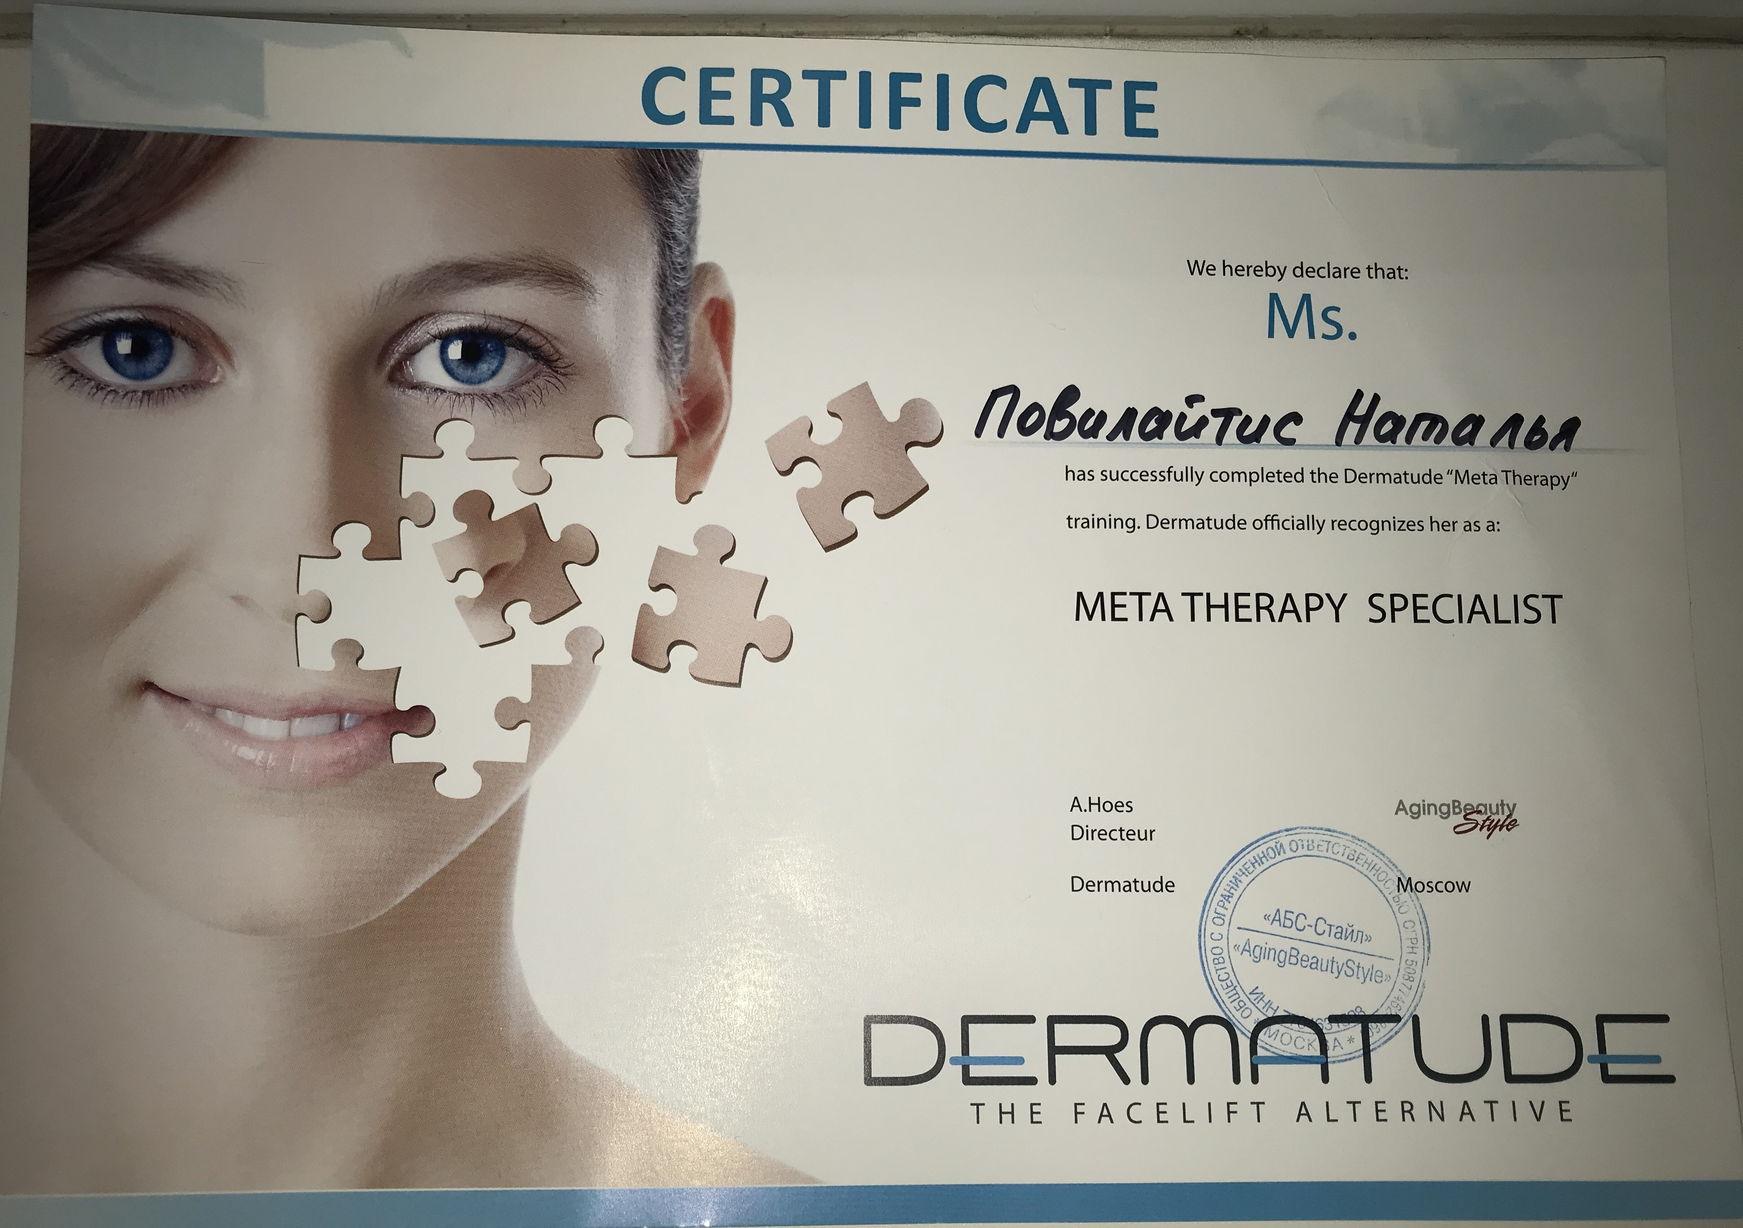 2012 Курс обучения Dermatude Метатерапия